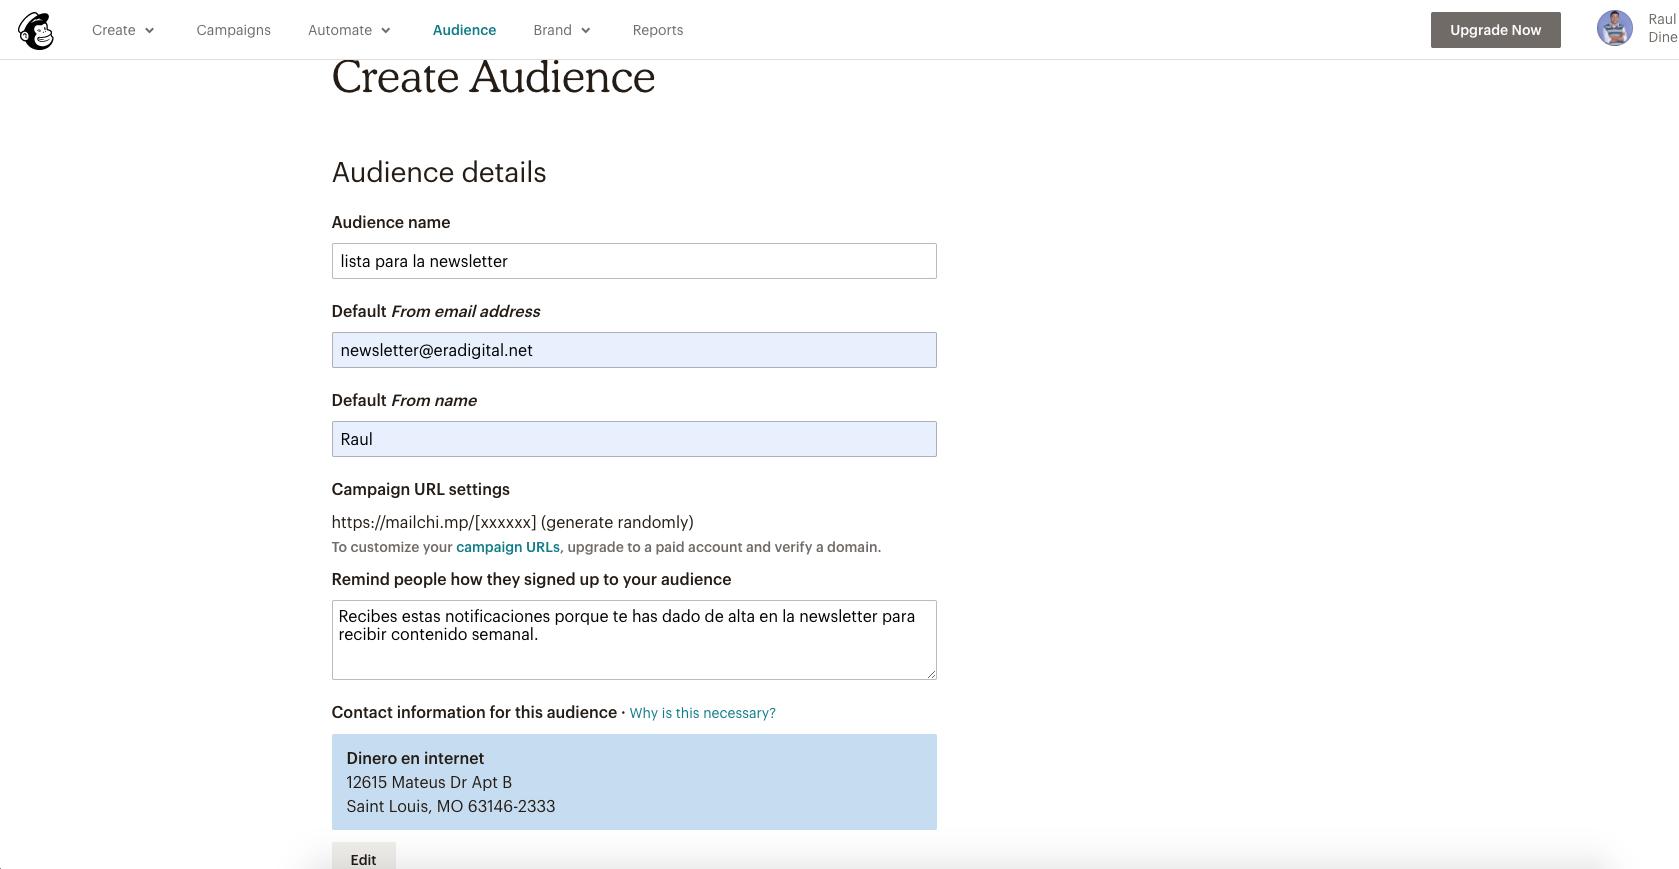 imagen de como crear una audiencia en mailchimp